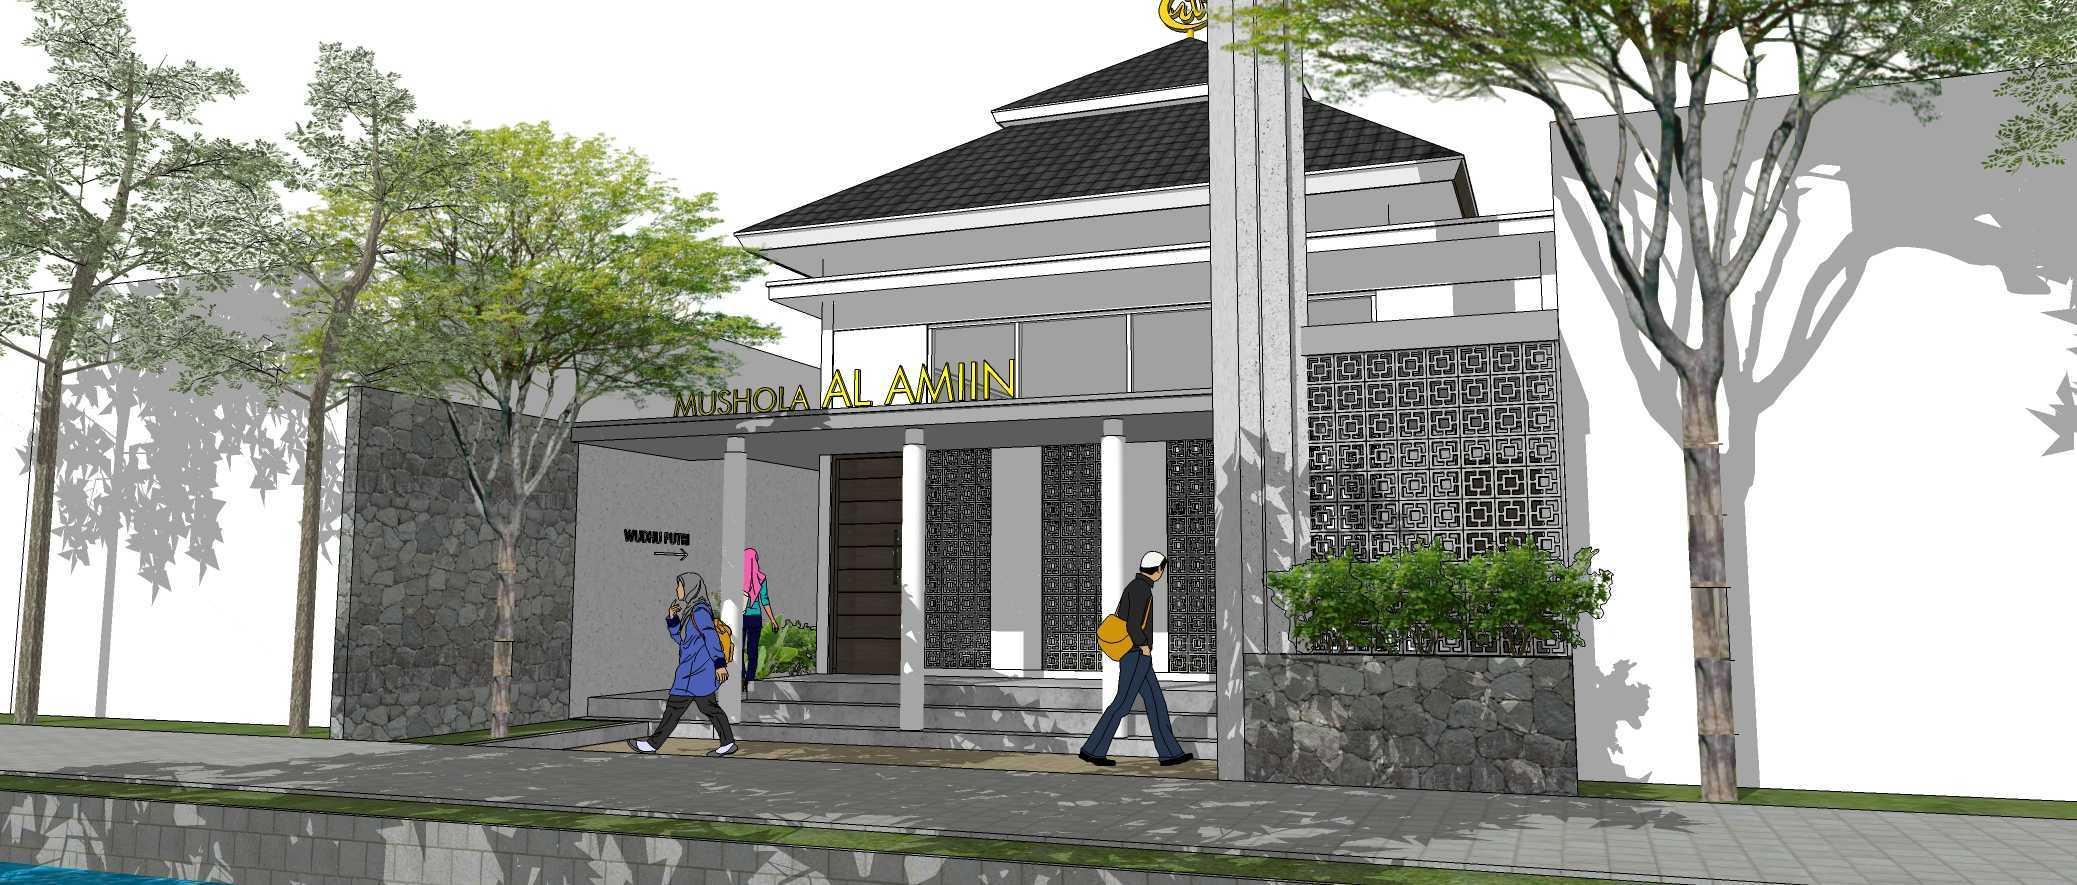 Gradasi Musholla Al Amiin Kabupaten Jombang, Jawa Timur, Indonesia Kabupaten Jombang, Jawa Timur, Indonesia Gradasi7-Musholla-Al-Amiin  89111